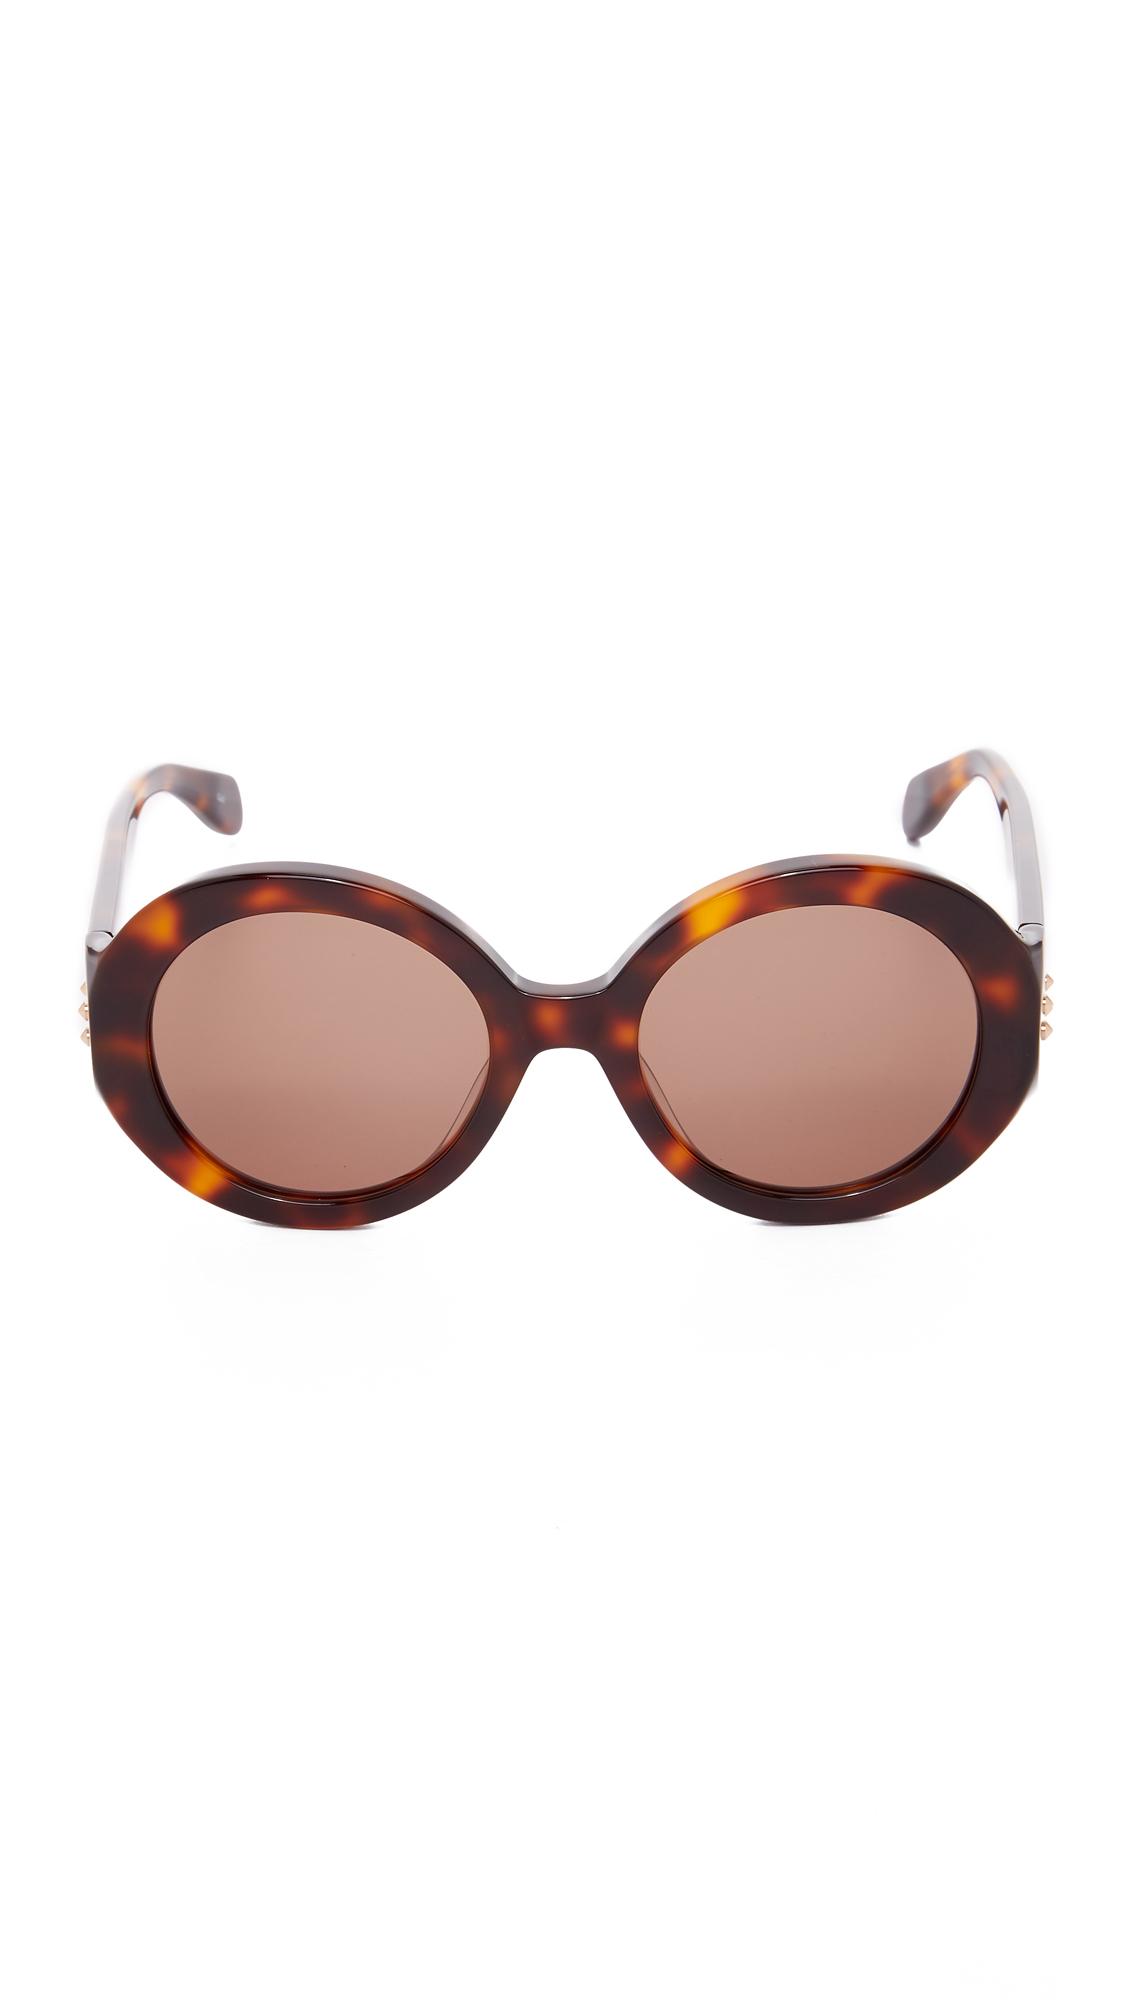 Alexander McQueen Belle Du Jour Sunglasses in Brown